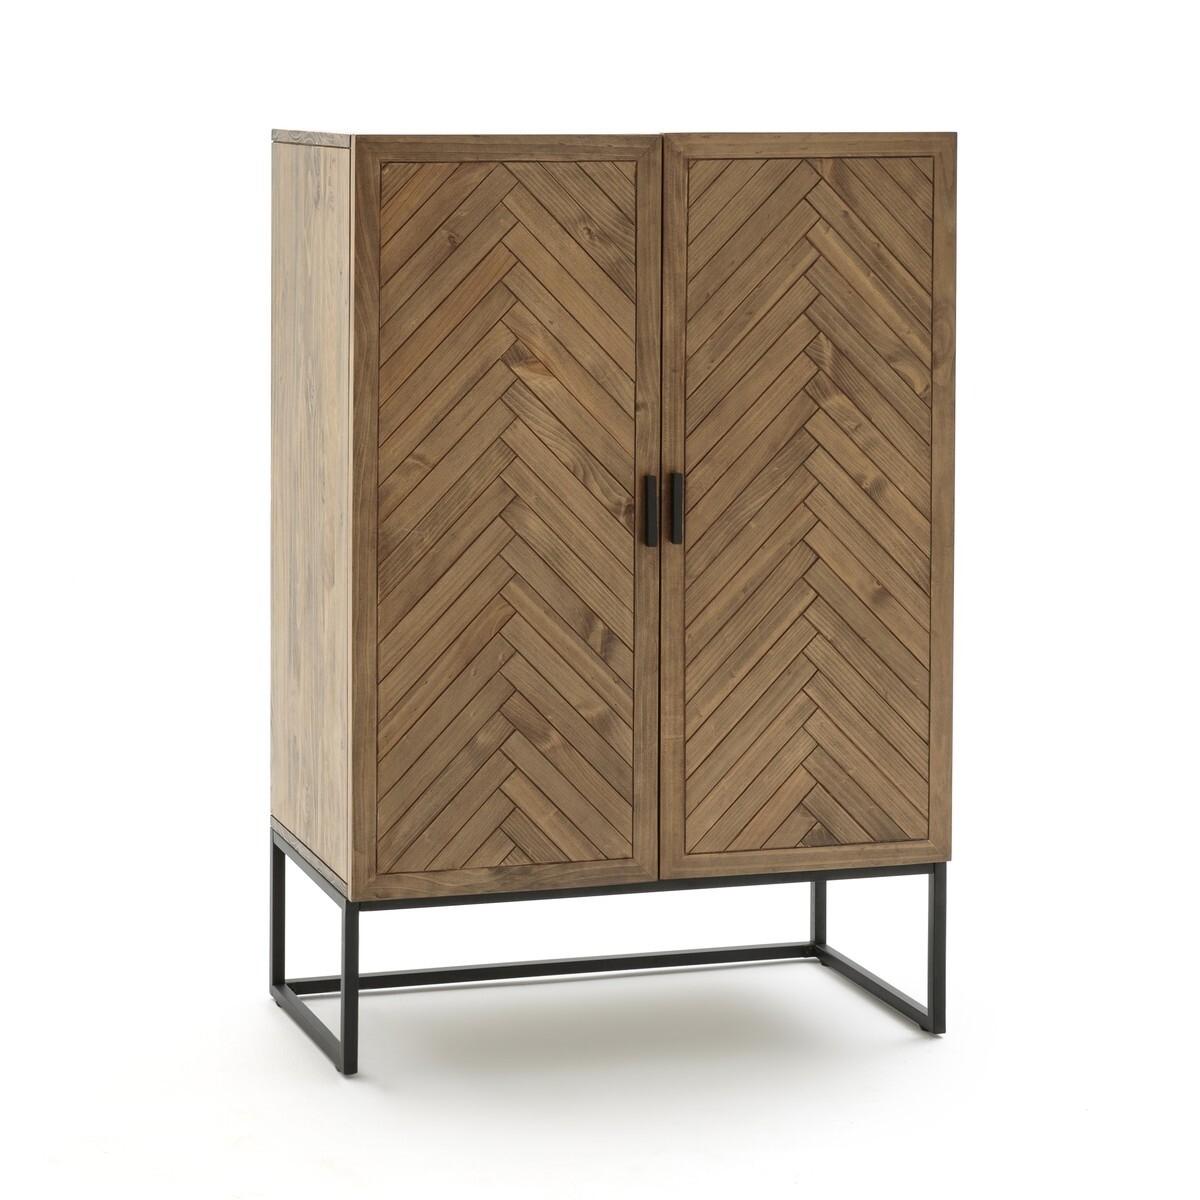 Дверцы шкафа покрыты шпоном со&...